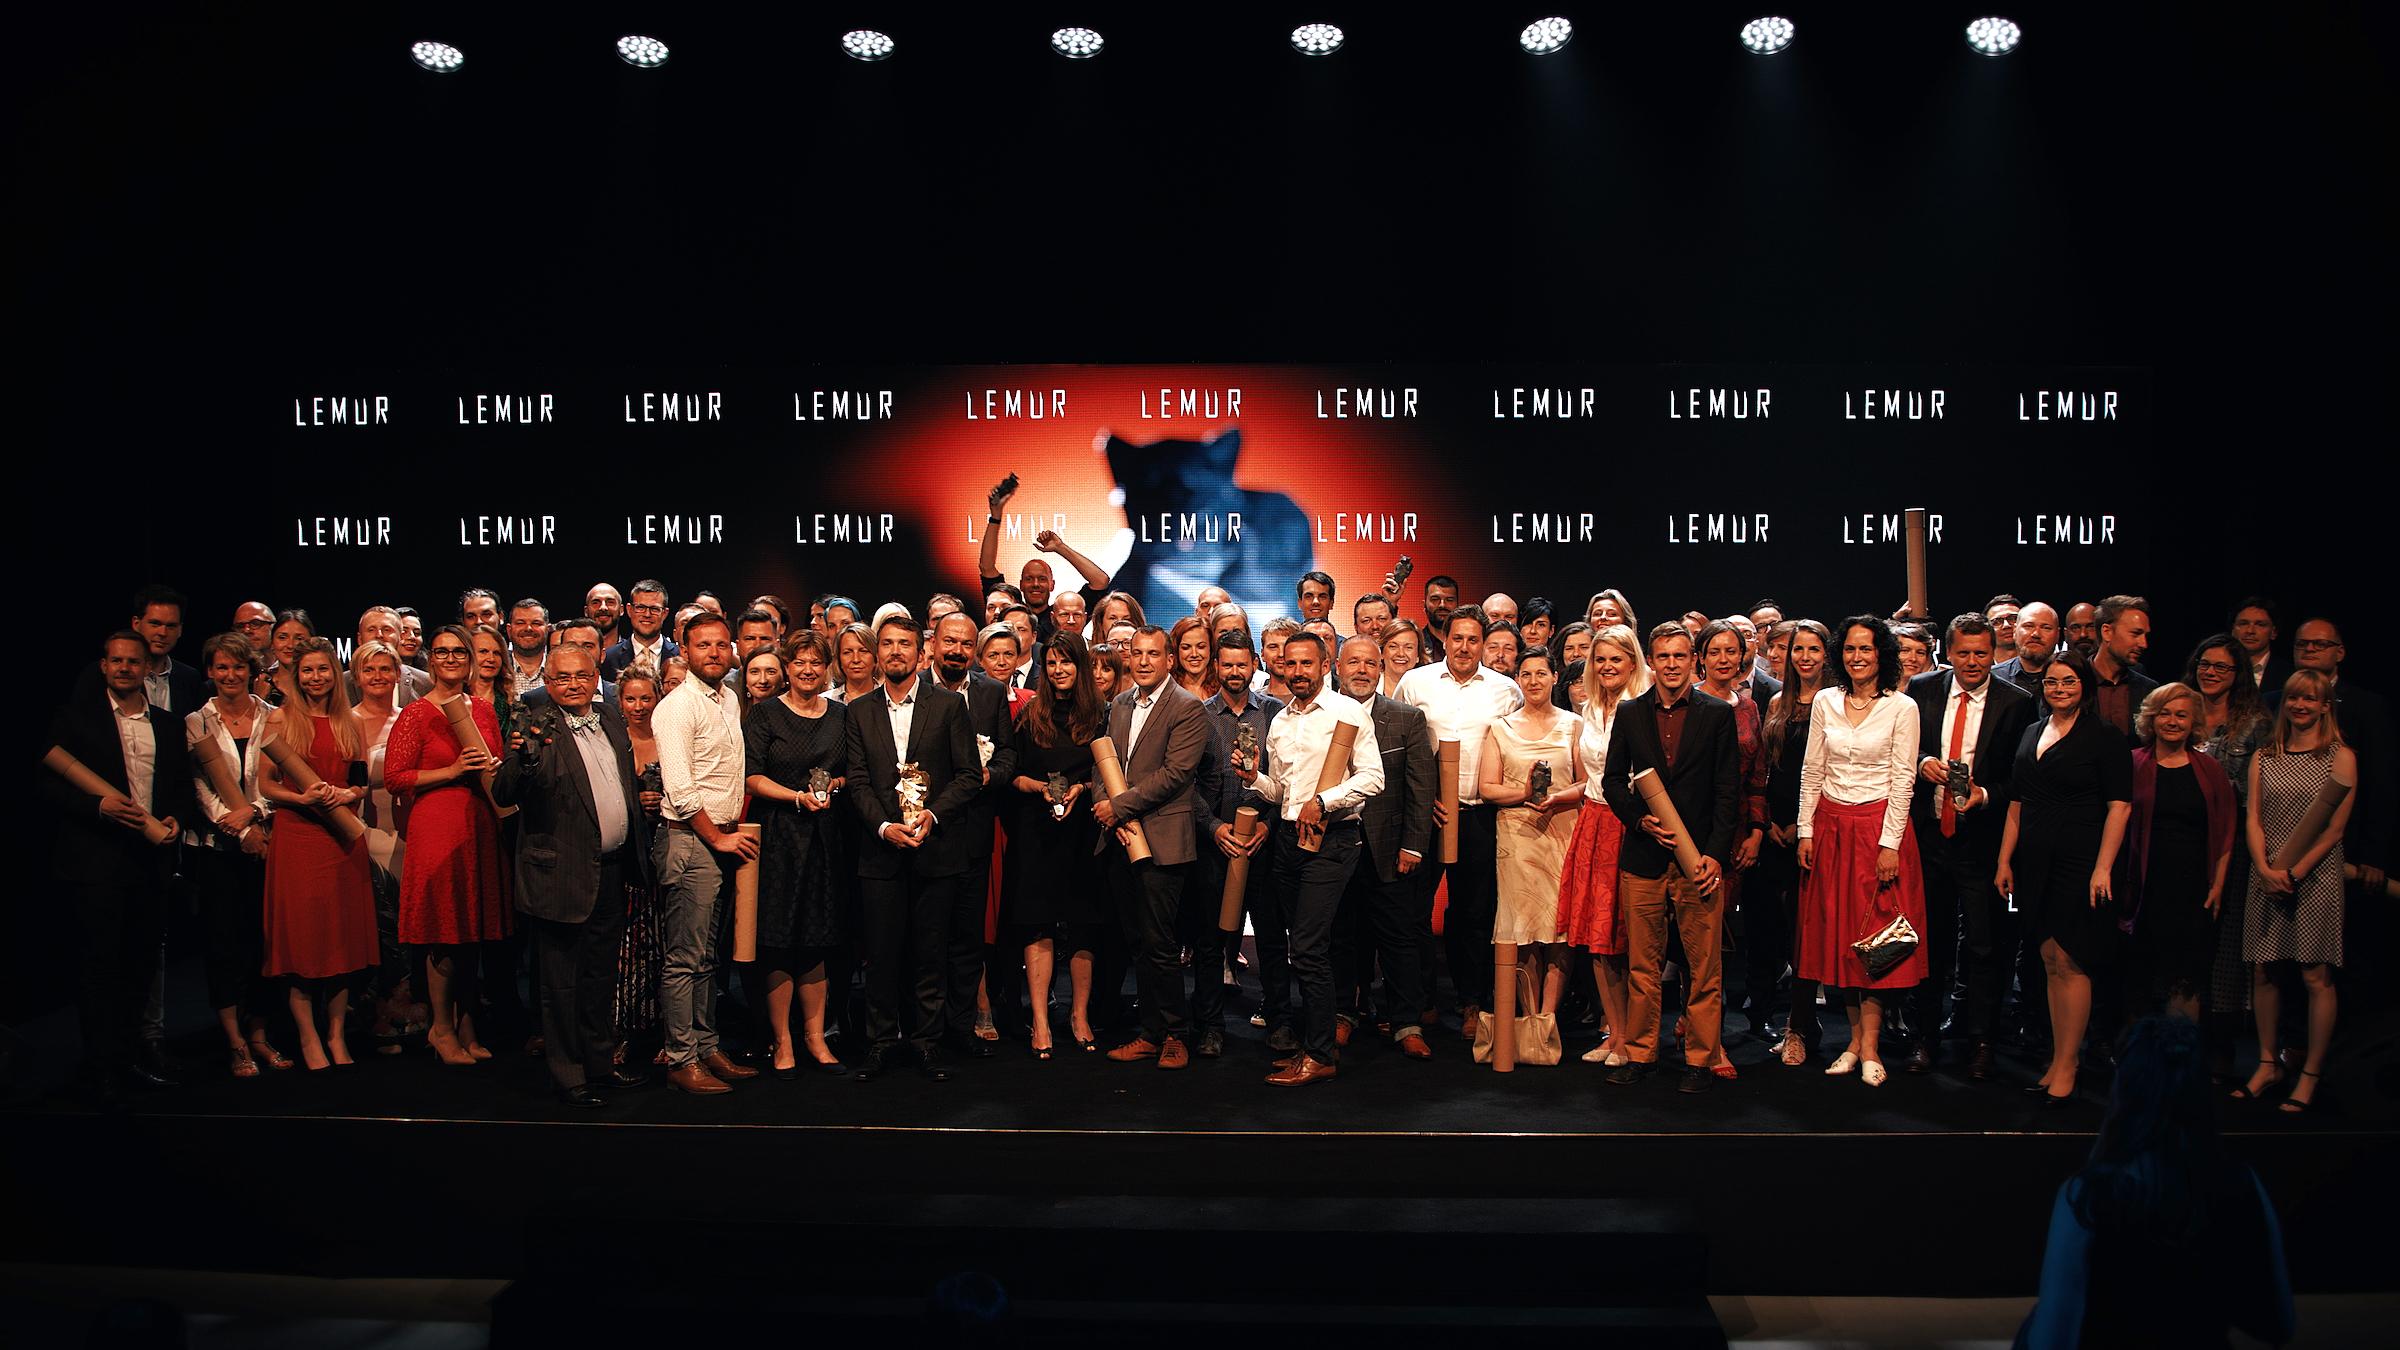 Vítězové cen Lemur 2019. Kliknutím zvětšíte